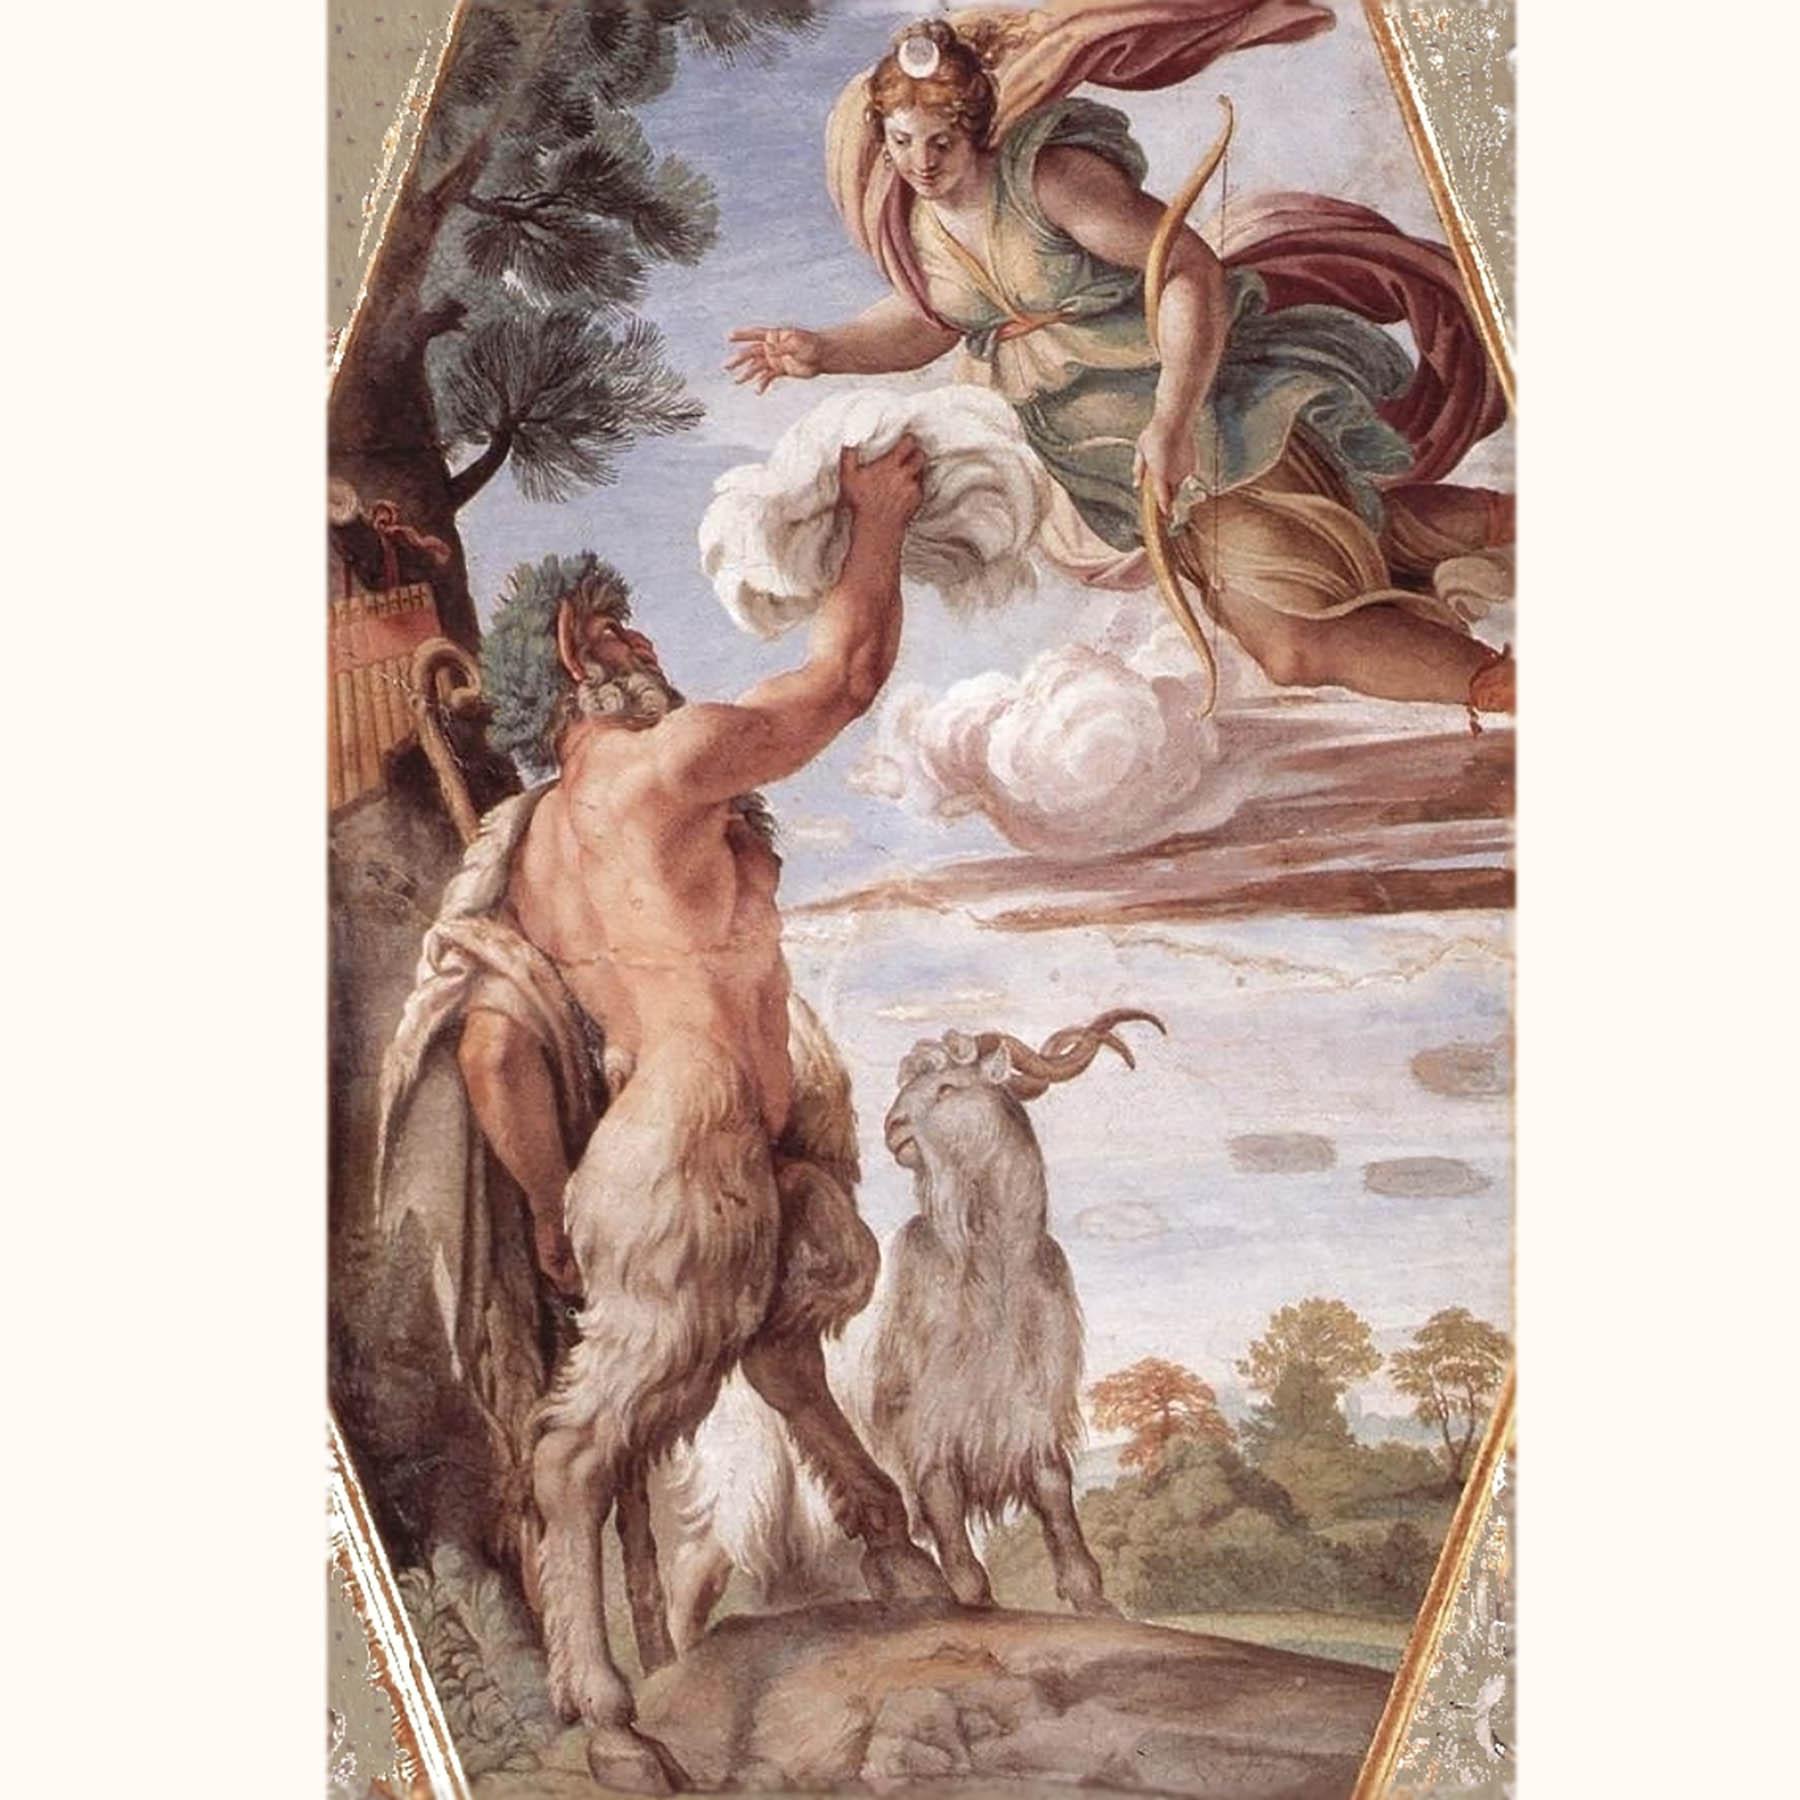 ダイアナ女神とパーン神 カラーシュ画 1597-1604年頃 ファルネーゼ宮 ローマ アンティークジュエリー